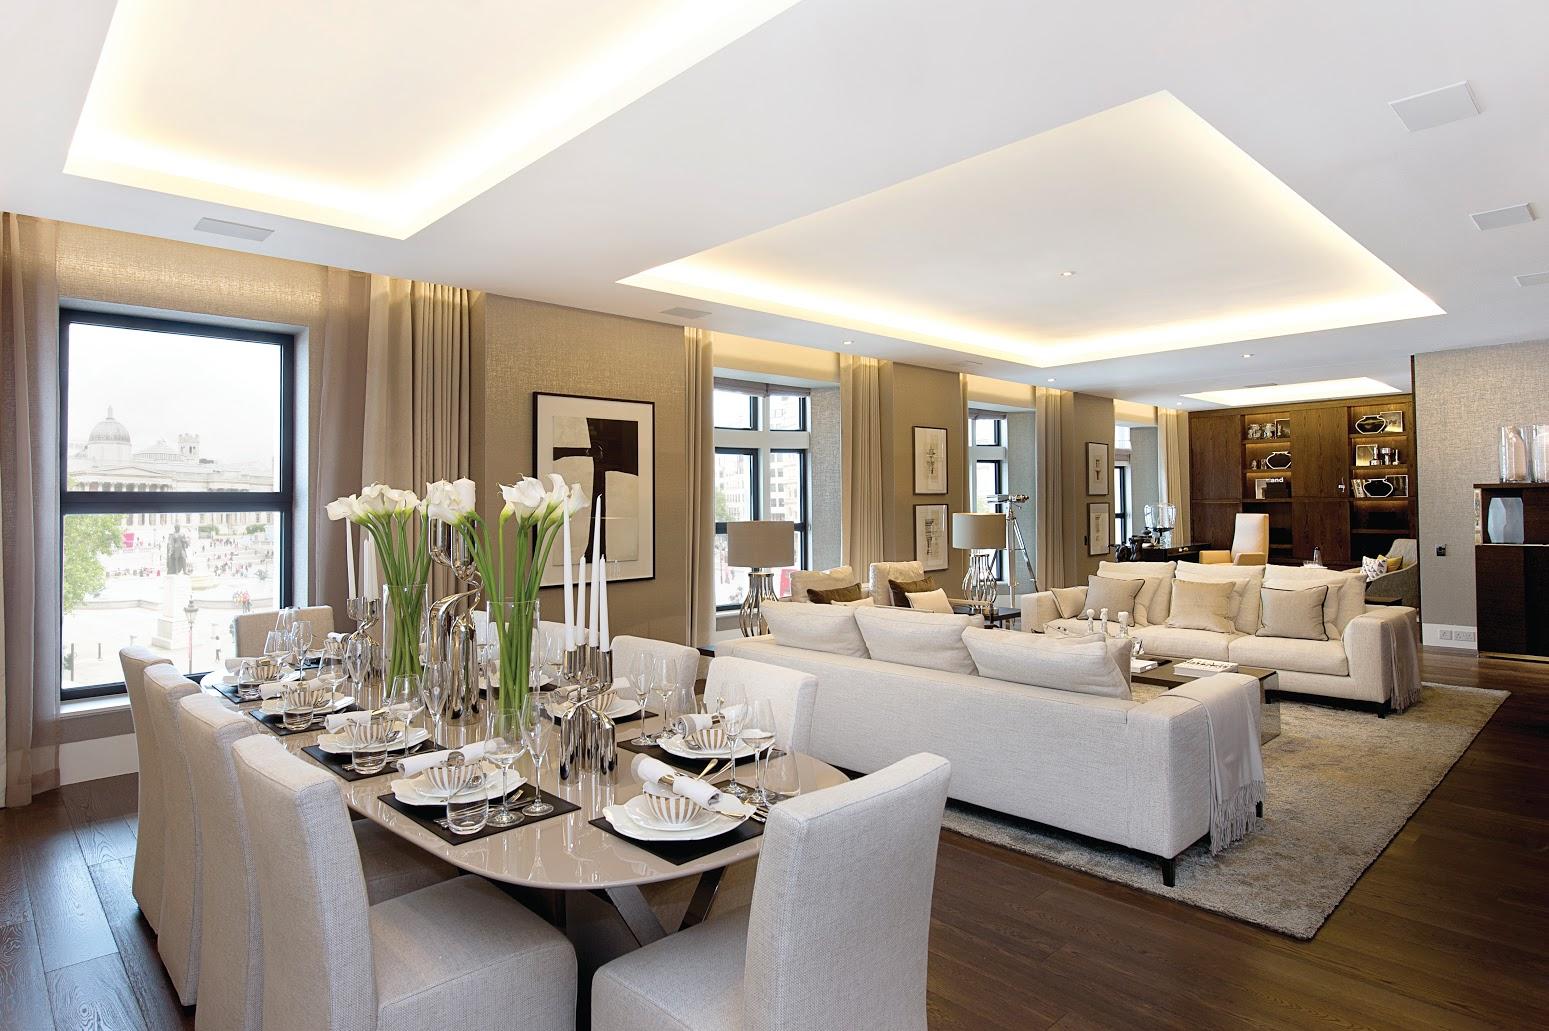 Uk Pannelled Kitchen Designs